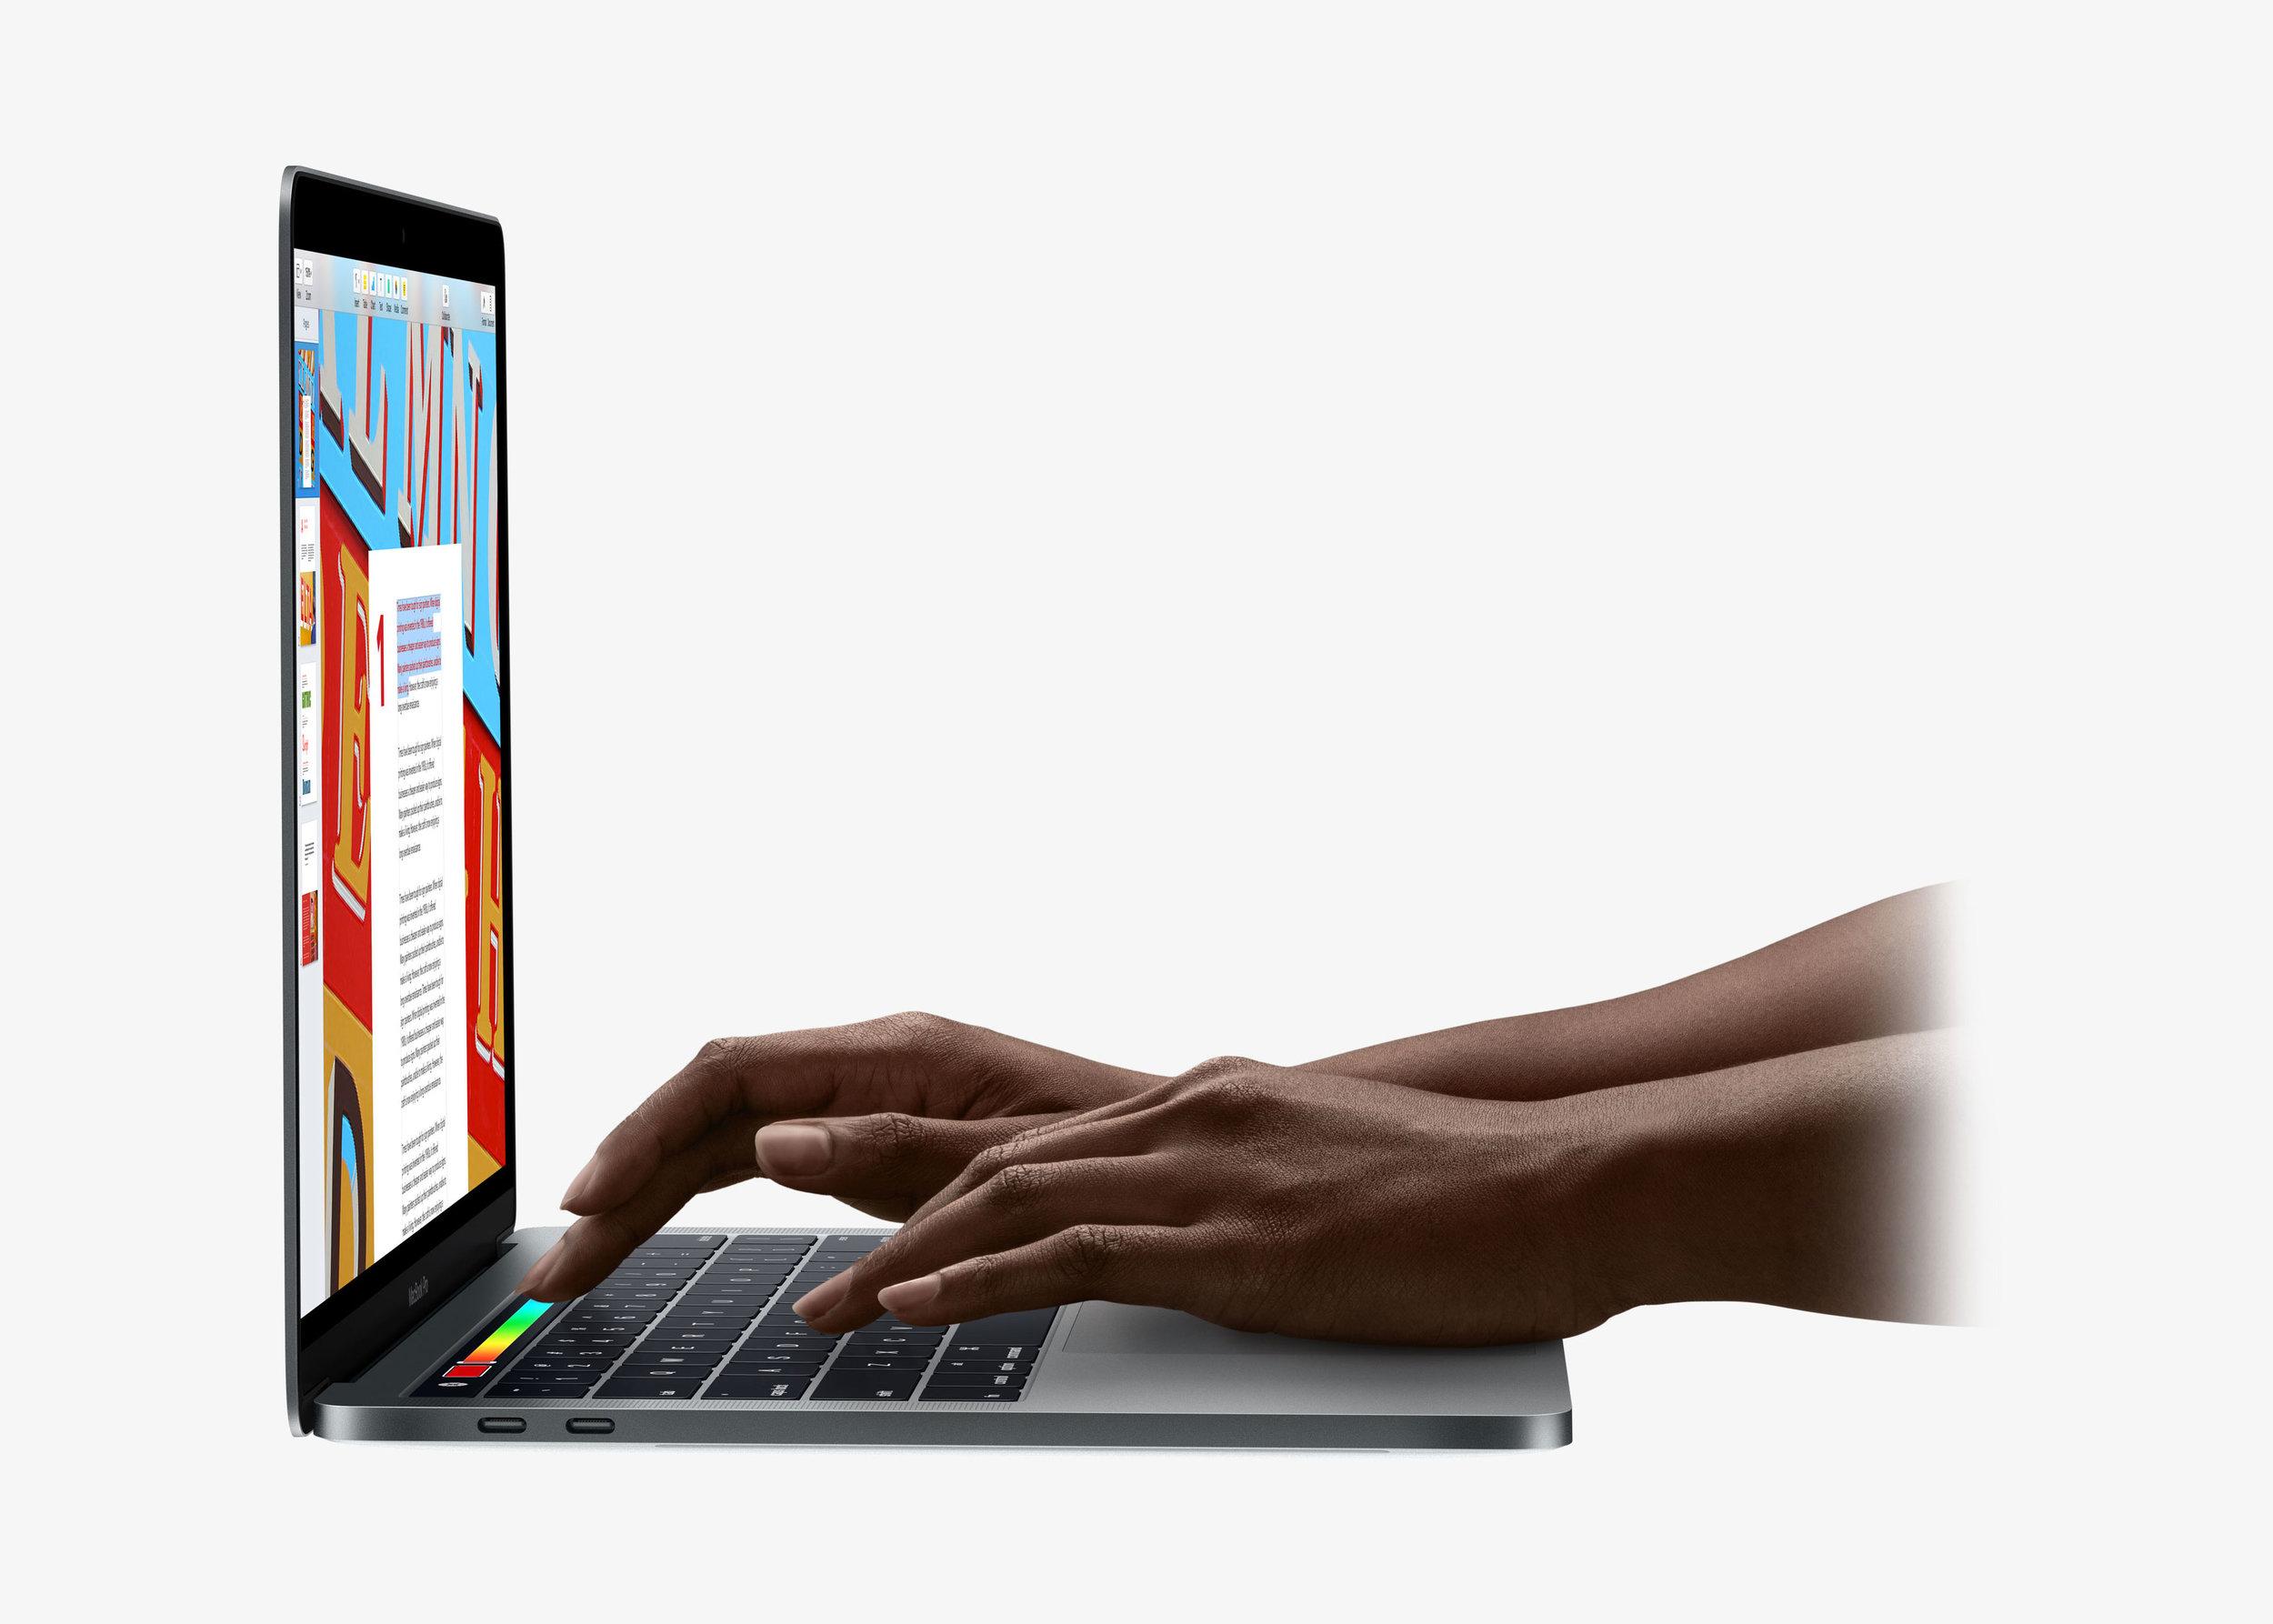 macbookpro-touch-bar-1.jpg